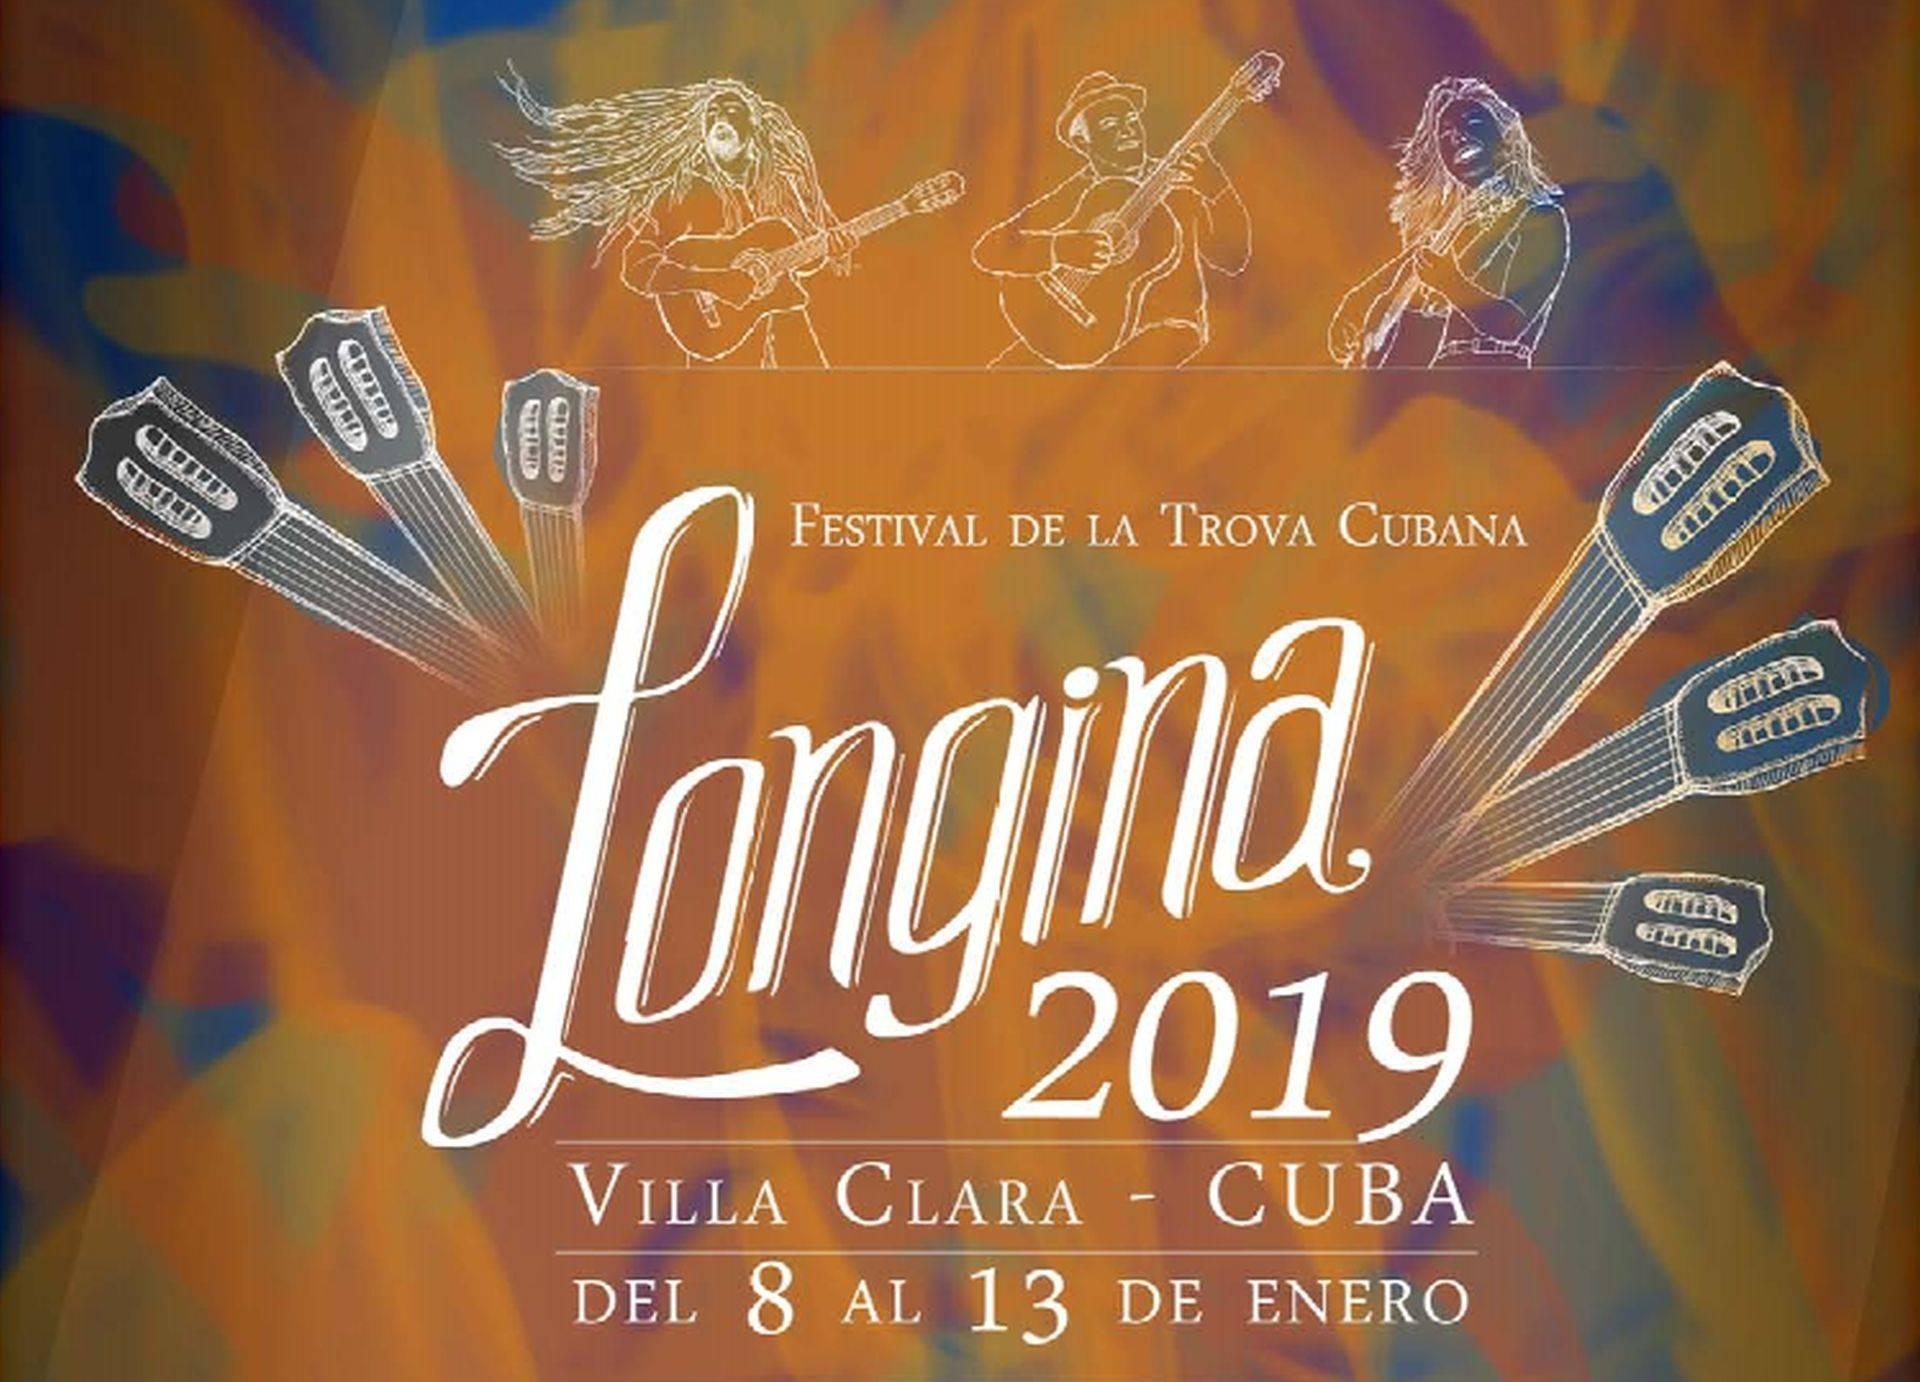 Detalle del cartel del Festival Loinga 2019, dedicado a Ela O' Farril y la décima. Foto: cortesía del Festival Longina.